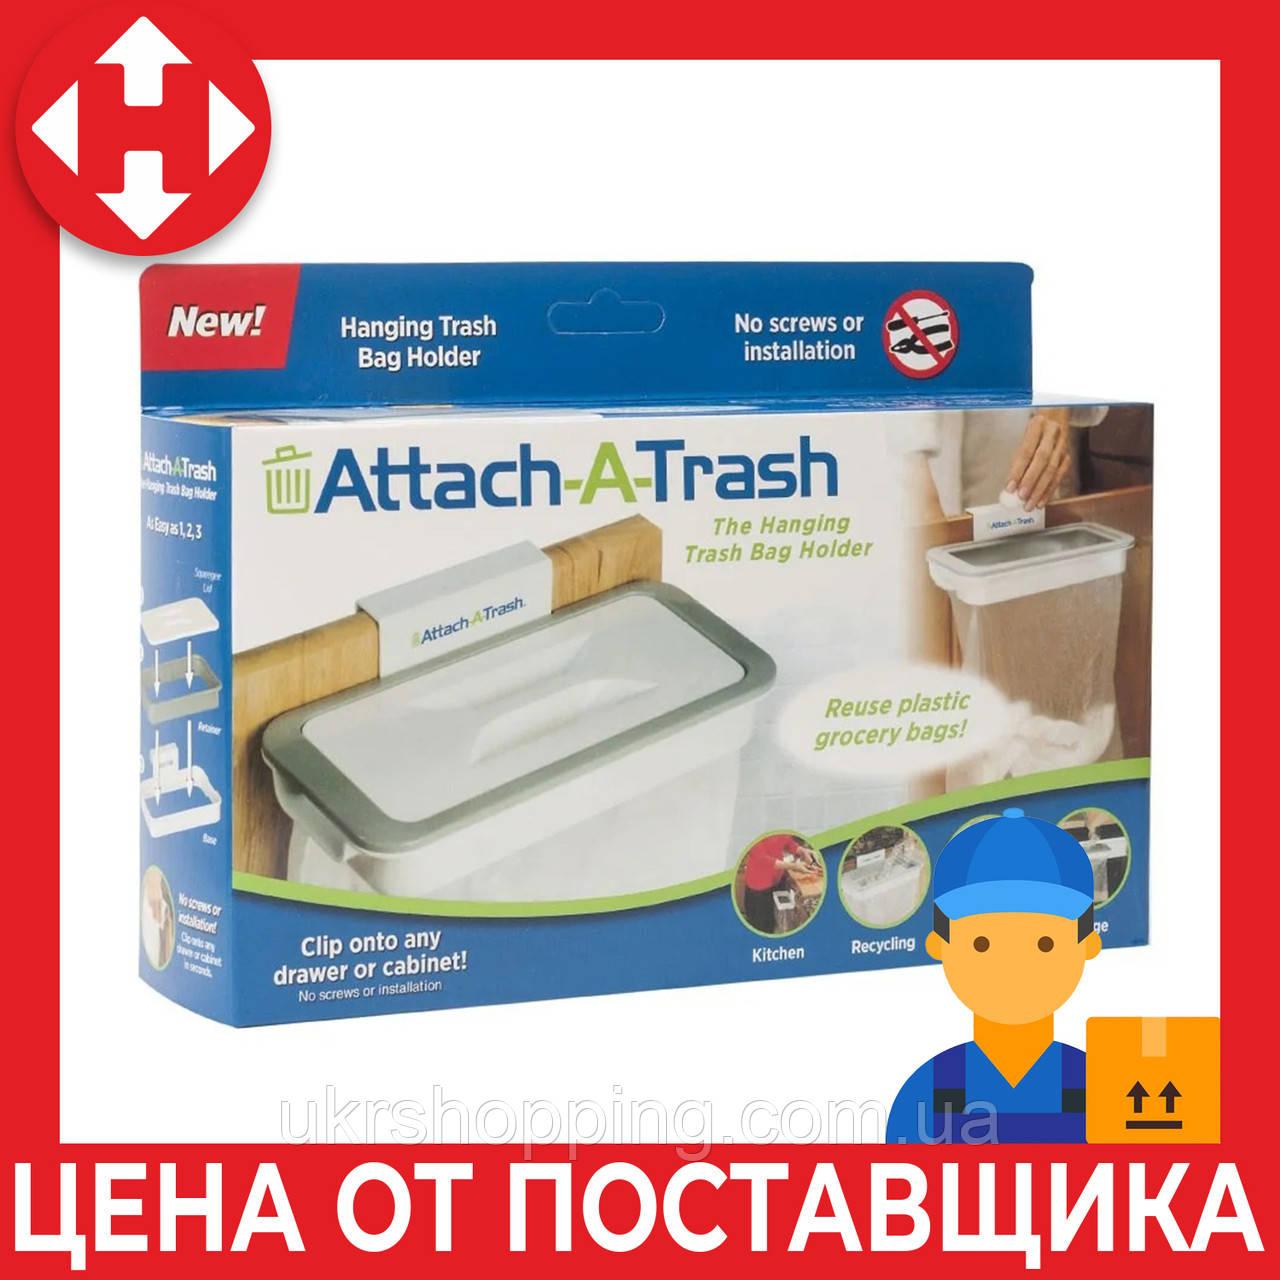 Держатель мусорных пакетов, мусорное ведро на кухню - Attach-A-Trash - доставка по Украине и Киеву